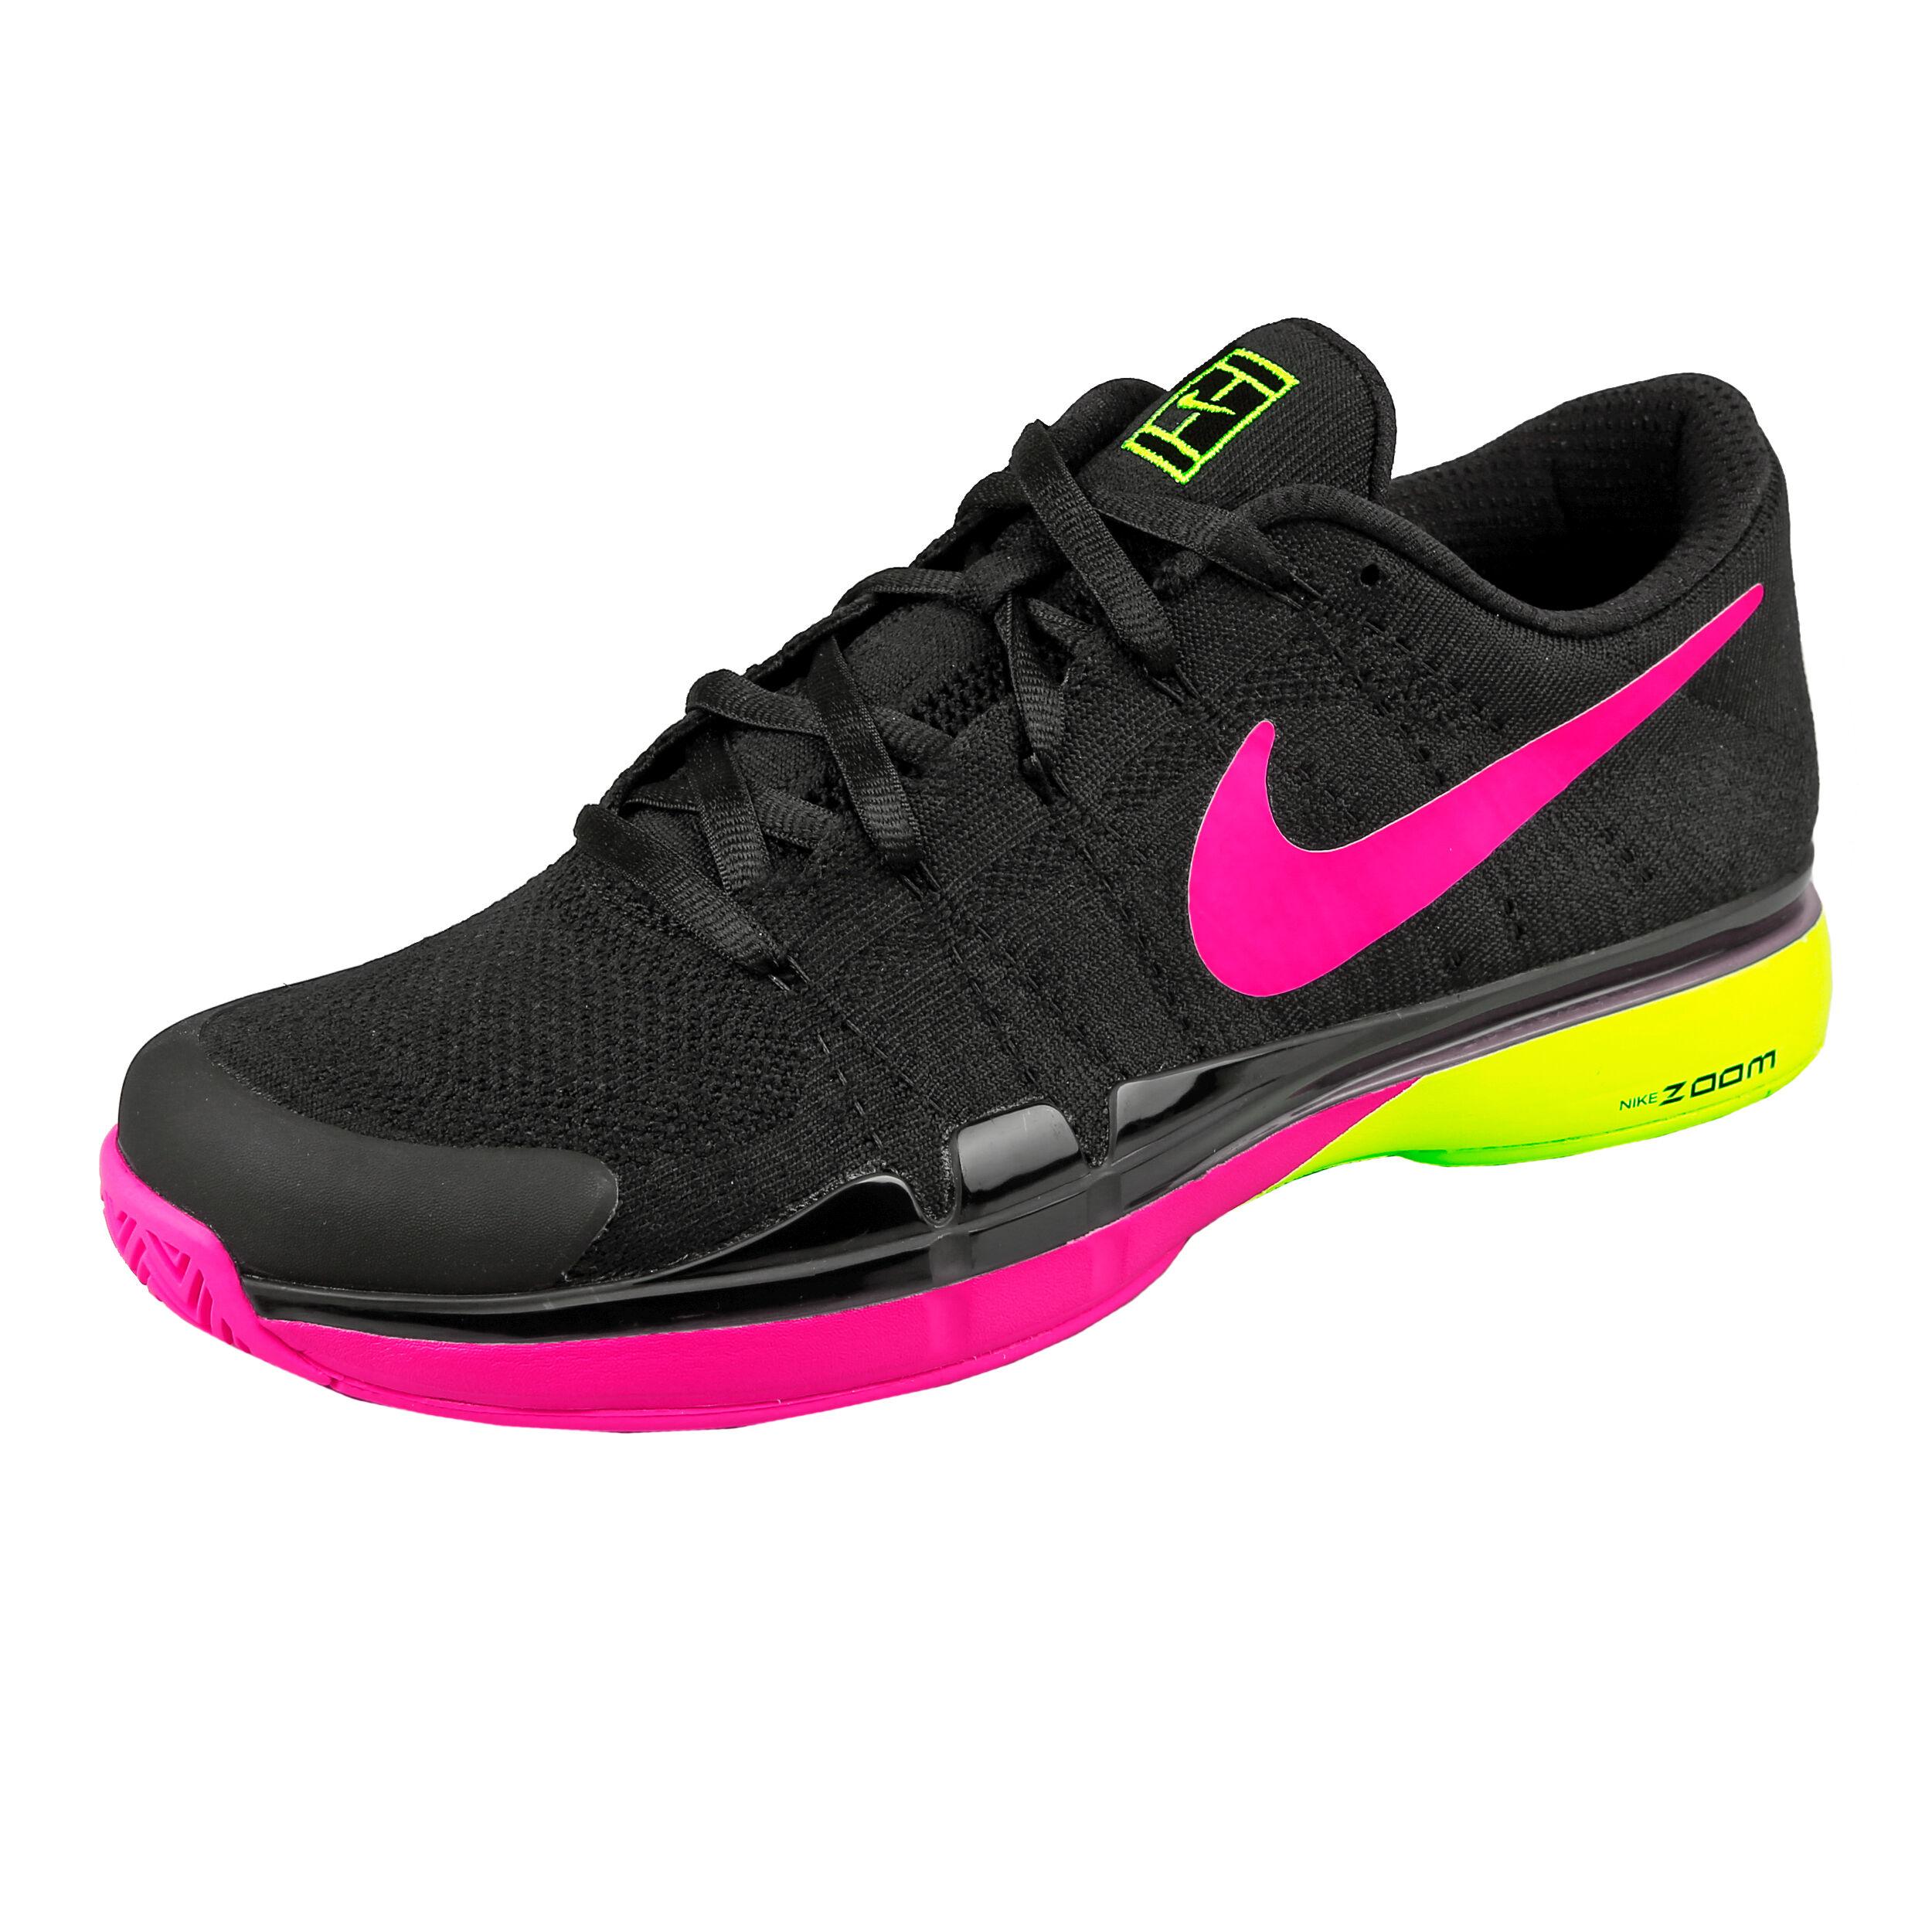 Nike Roger Federer Zoom Vapor 9.5 Tour Flyknit LE NIGHT Scarpa Per Tutte Le Superfici Uomini Nero, Giallo Neon